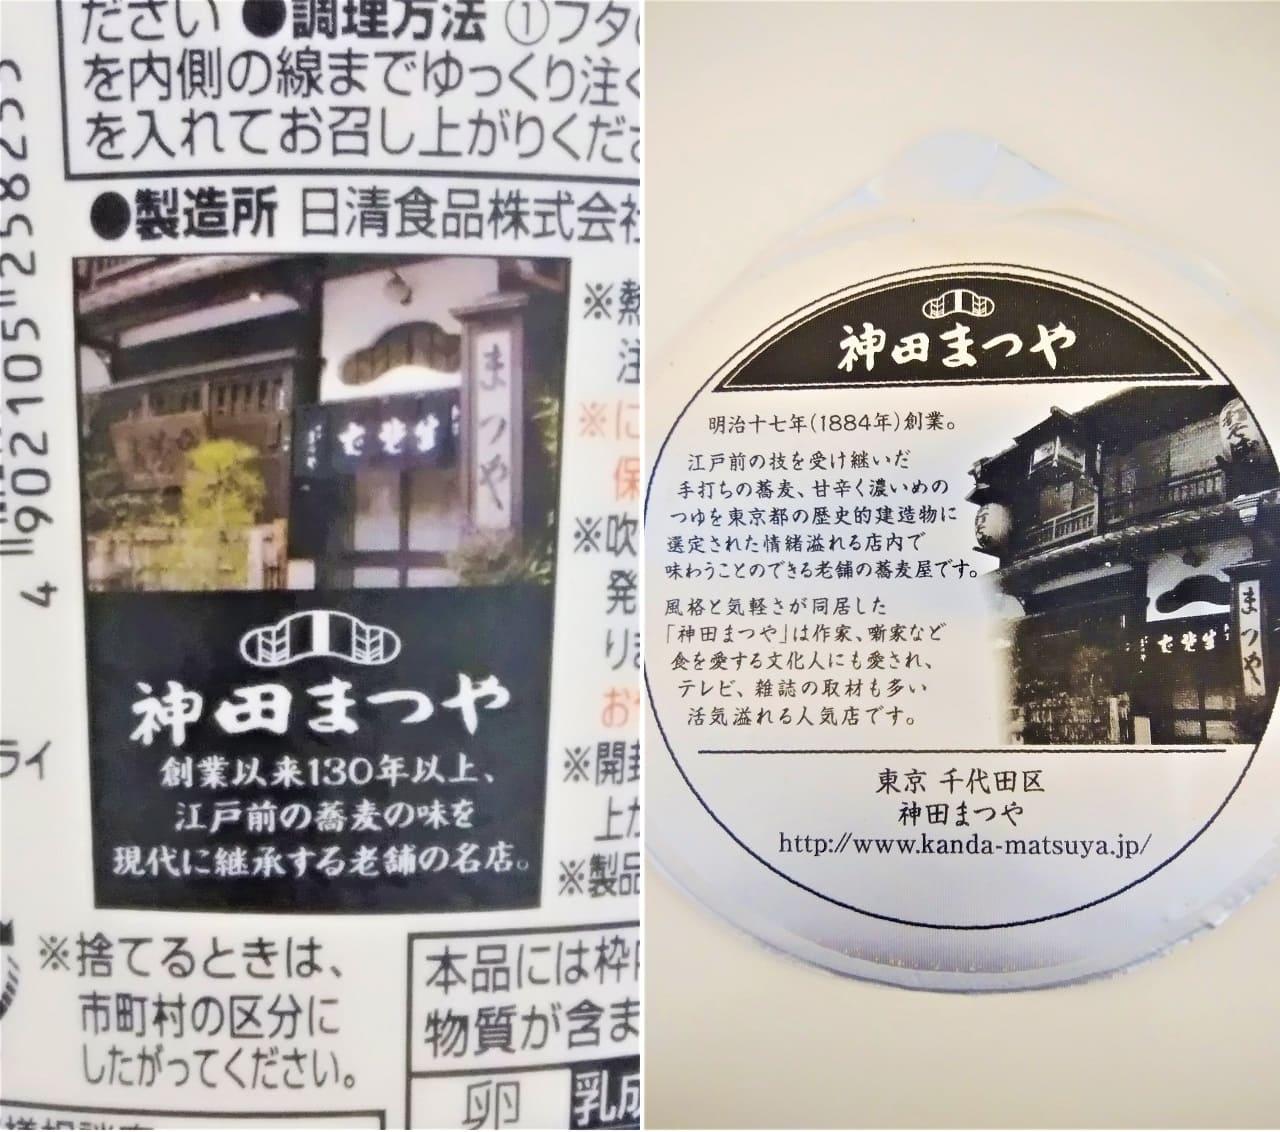 神田まつやの歴史と詳細